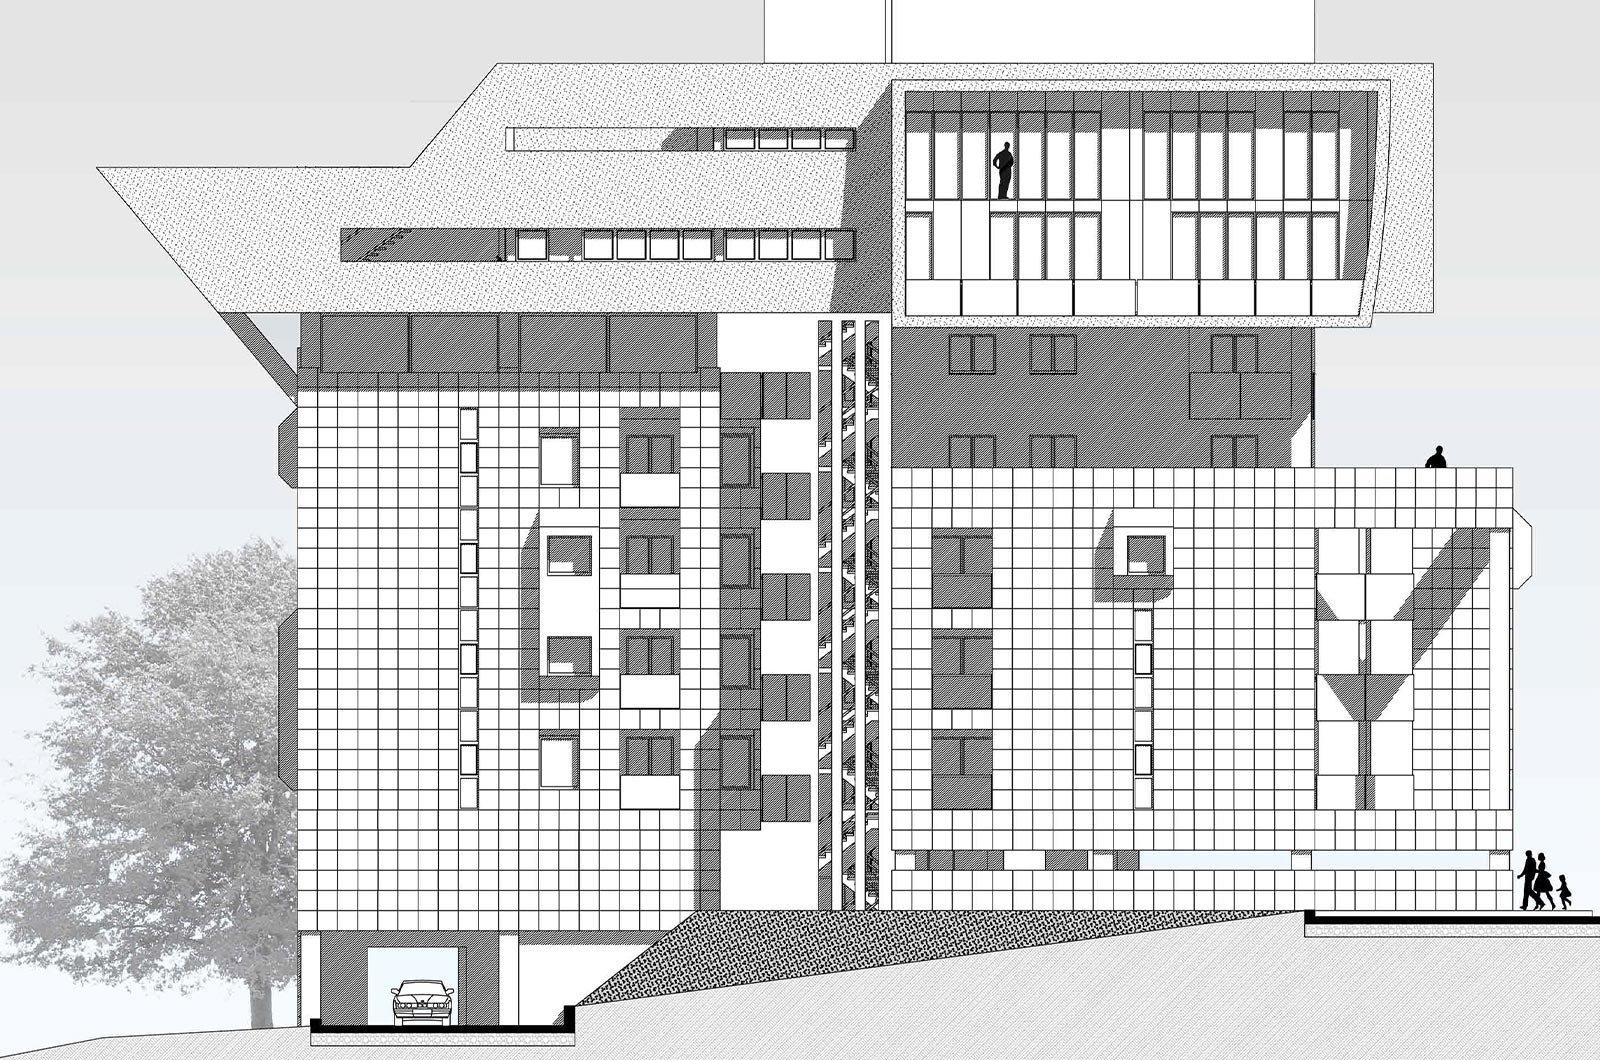 residenziale-archicad_Malara-architetti_prospetto